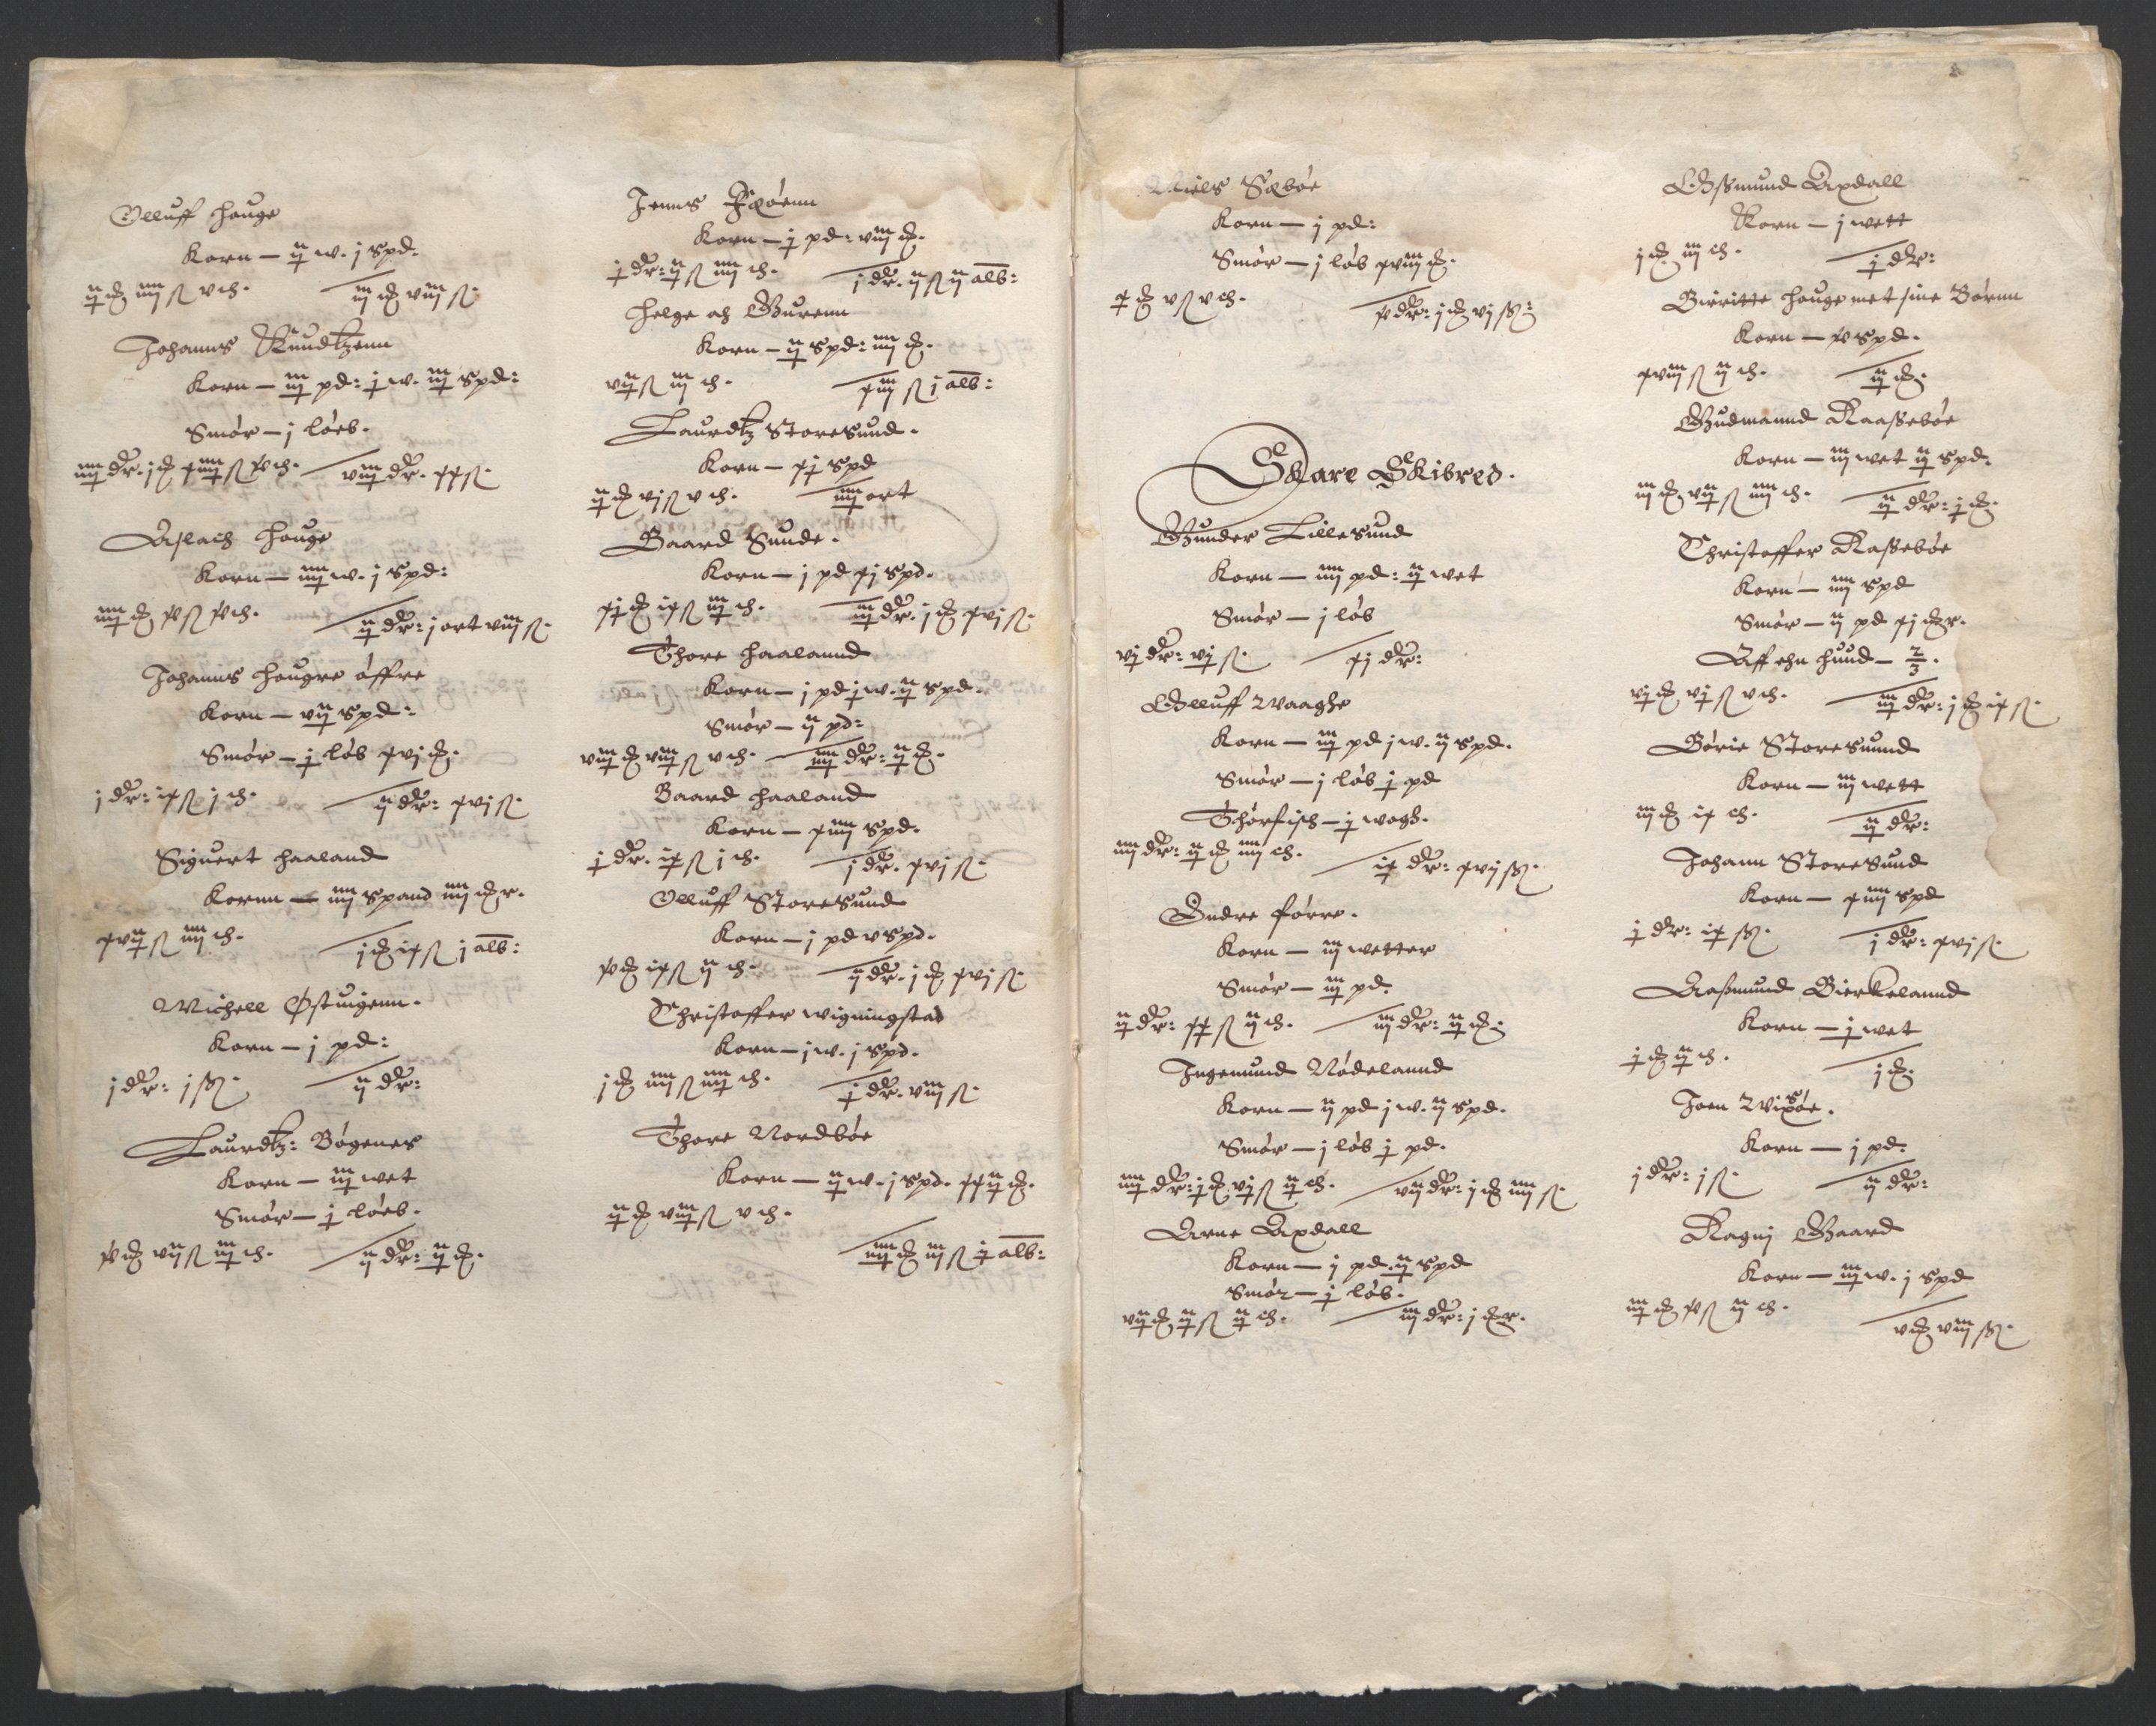 RA, Stattholderembetet 1572-1771, Ek/L0010: Jordebøker til utlikning av rosstjeneste 1624-1626:, 1624-1626, s. 70